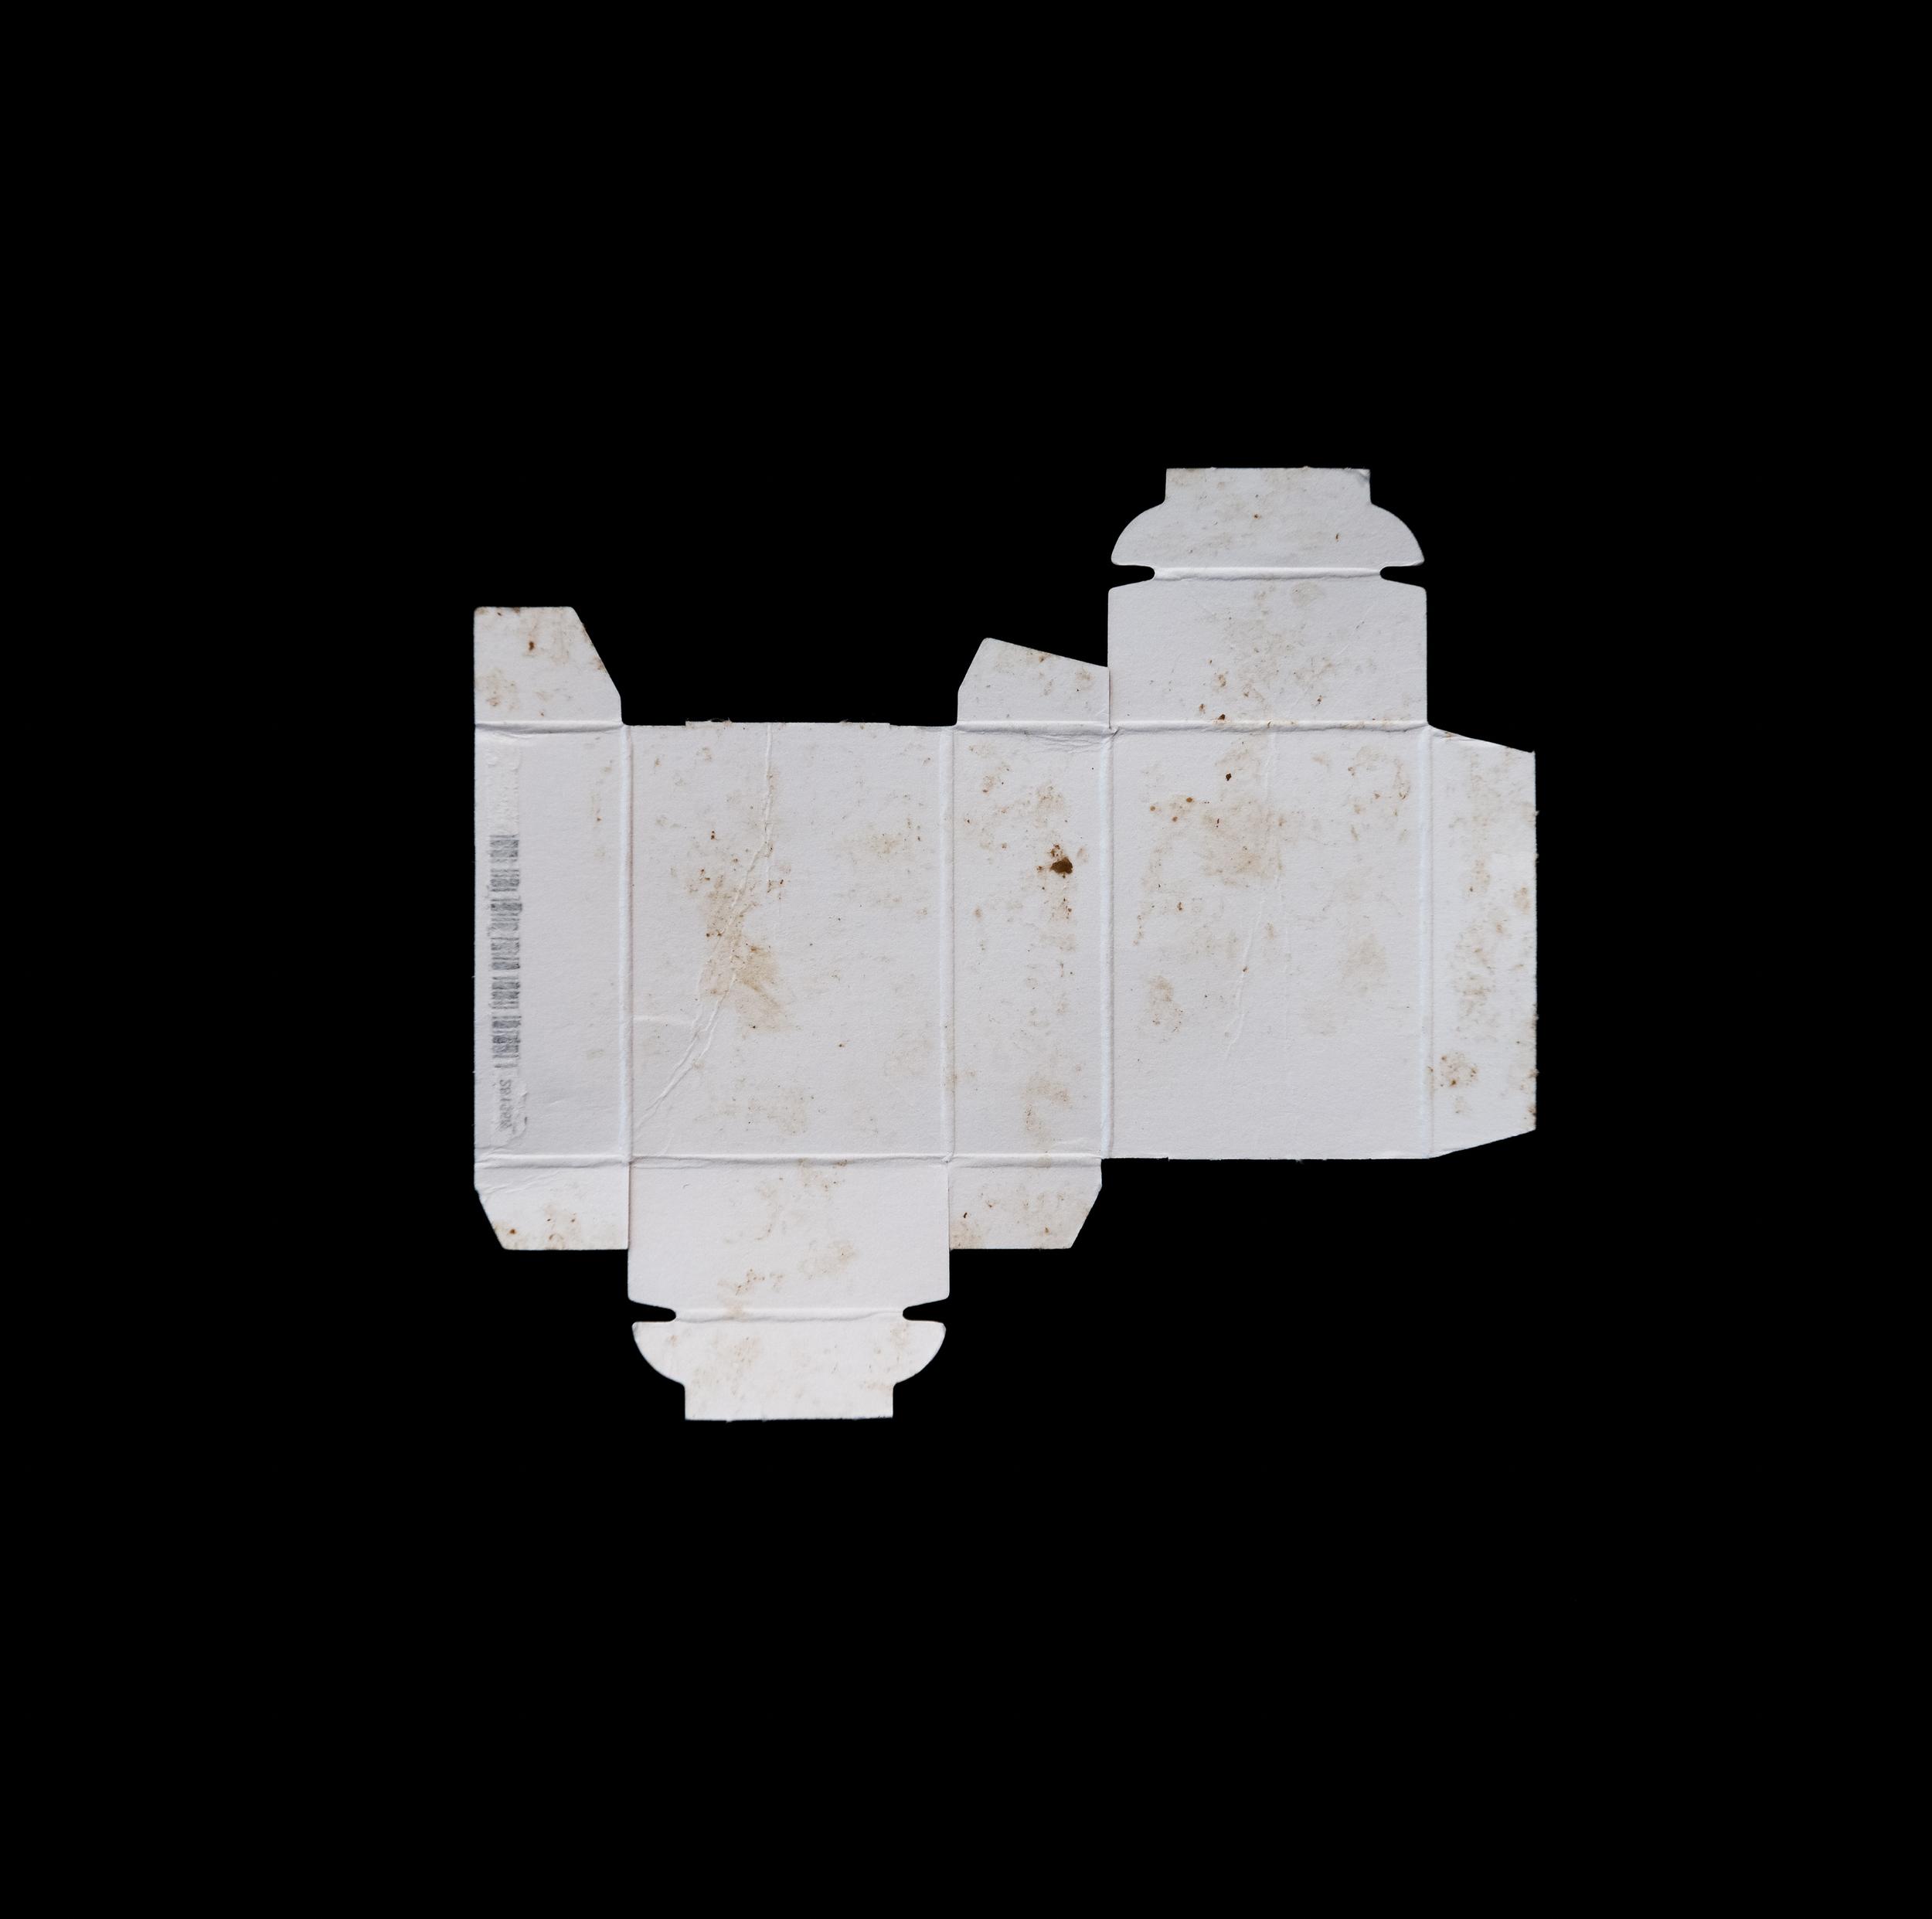 form follows (dis)function: Sunkist Raisin , 2014-15 Pigment Inkjet